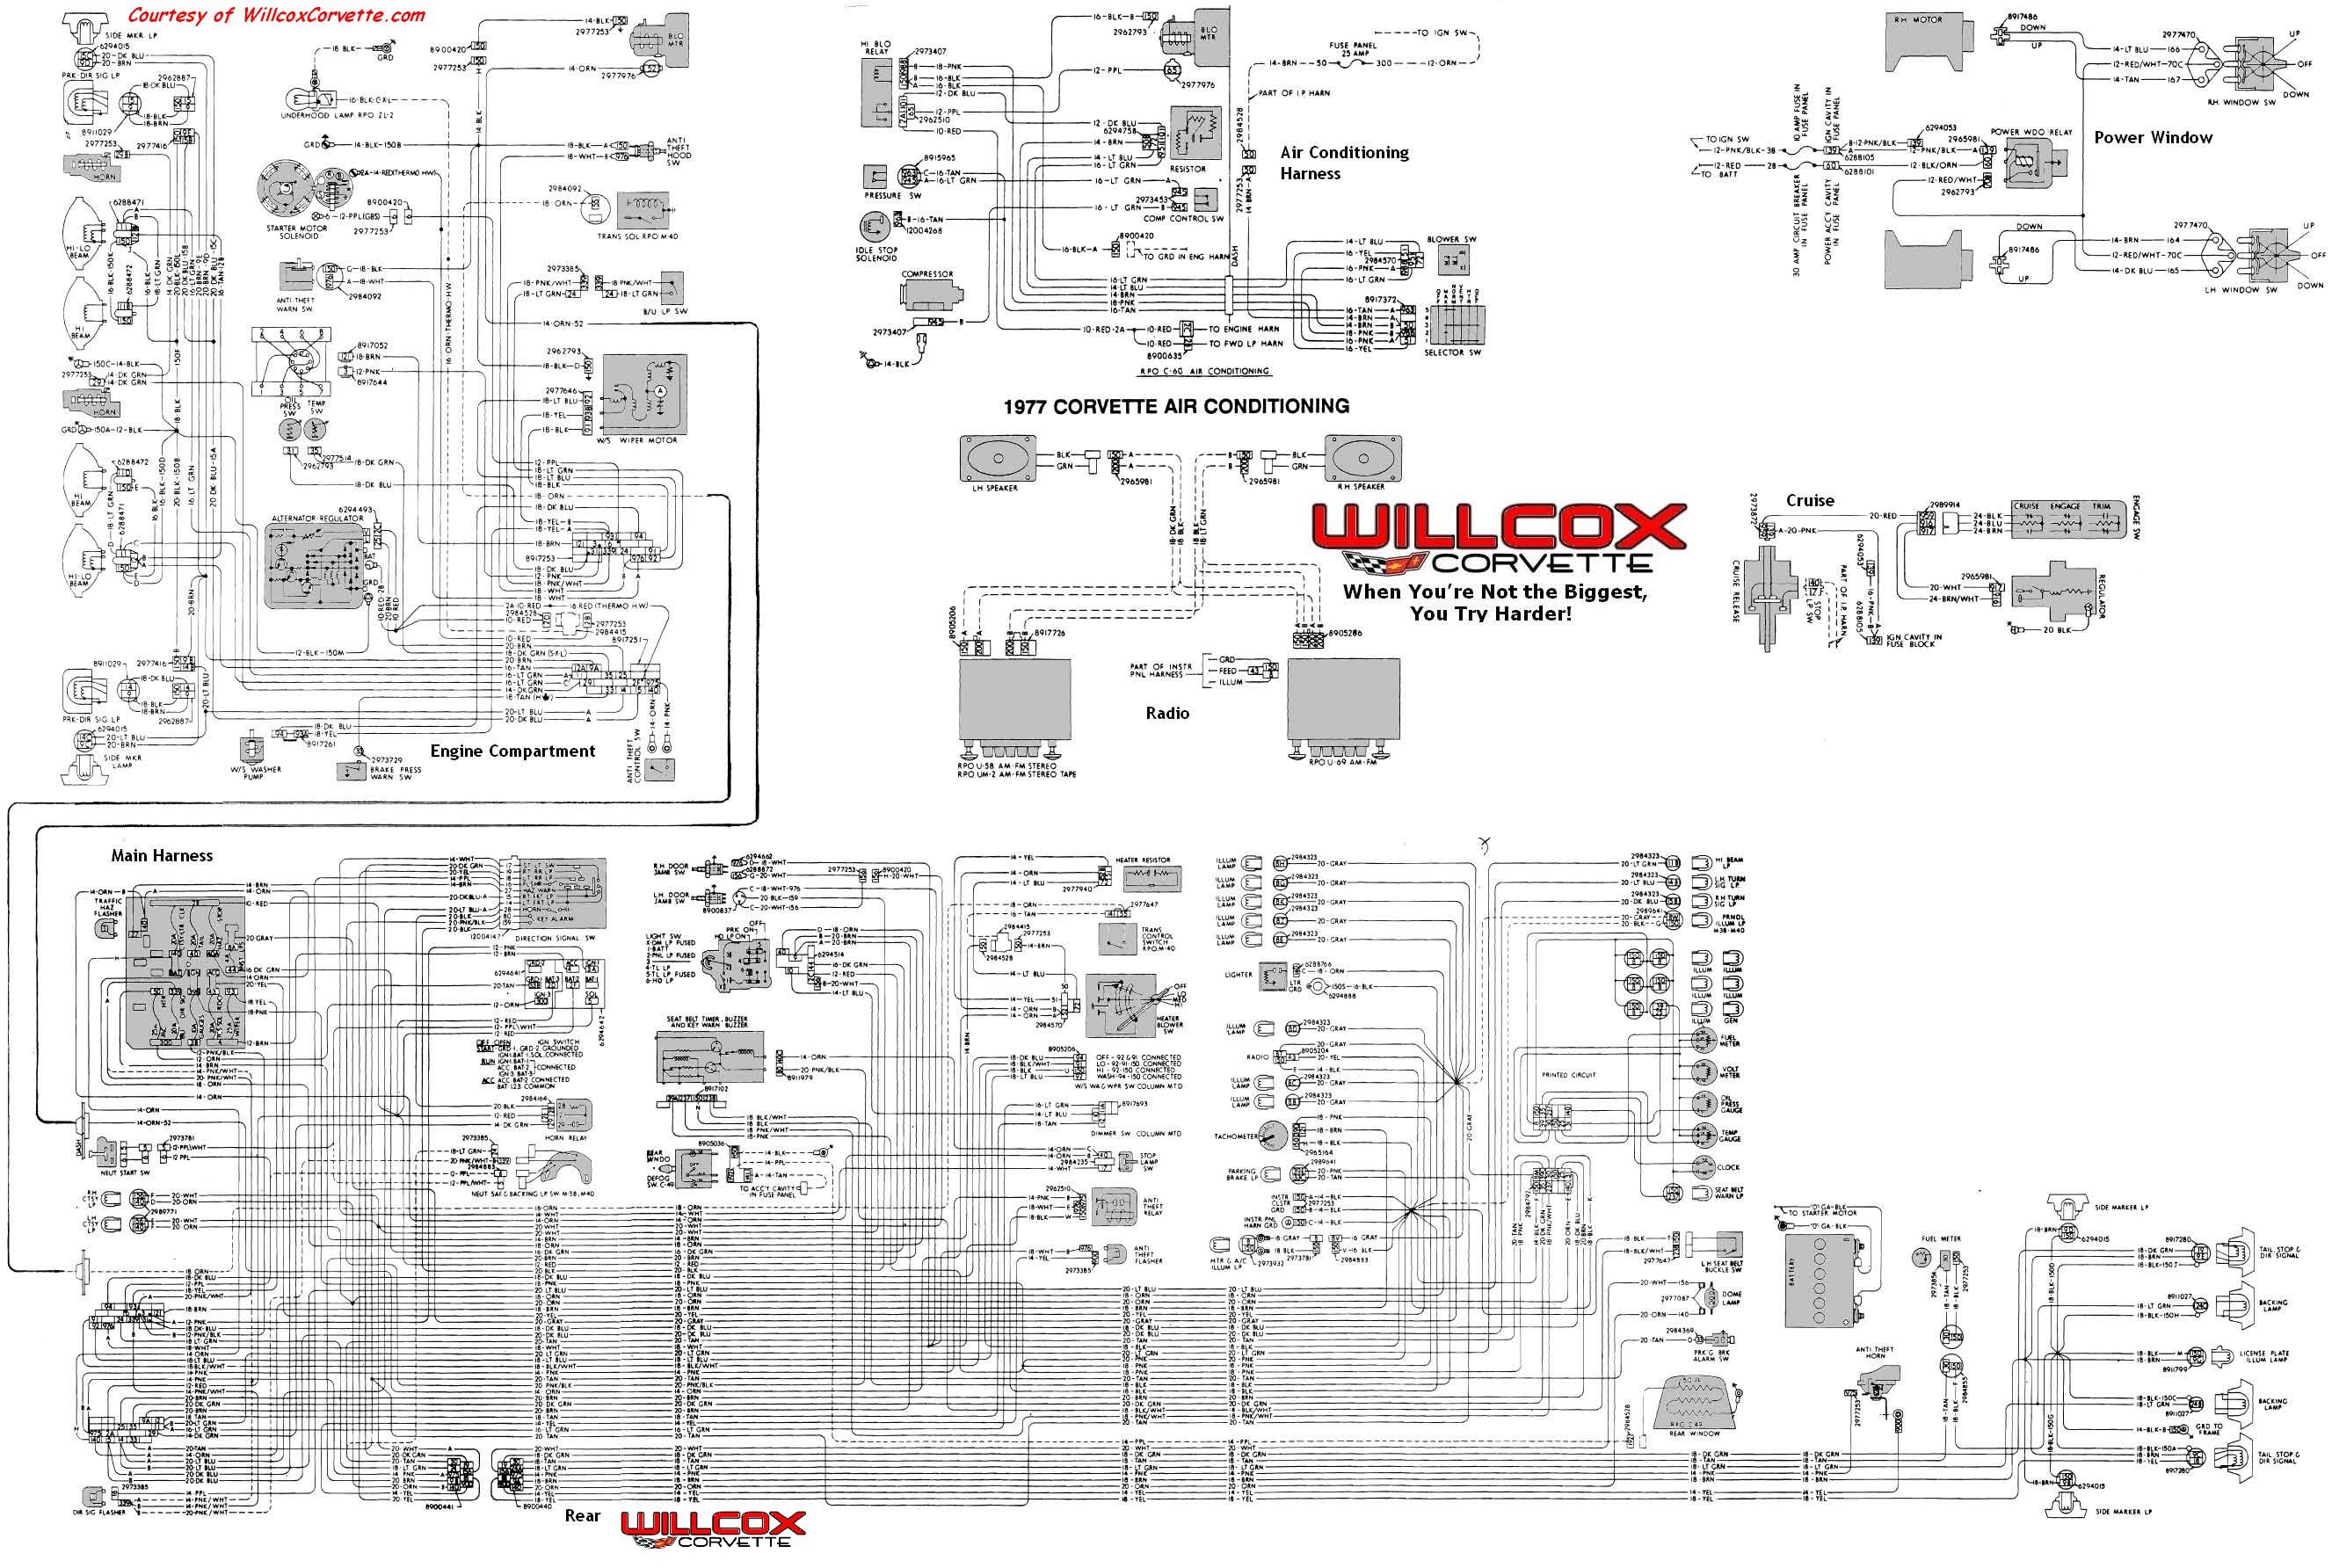 Engine Starter Diagram 1977 Chevy Truck Wiring Diagram 1977 Circuit Diagrams Wiring Info • Of Engine Starter Diagram